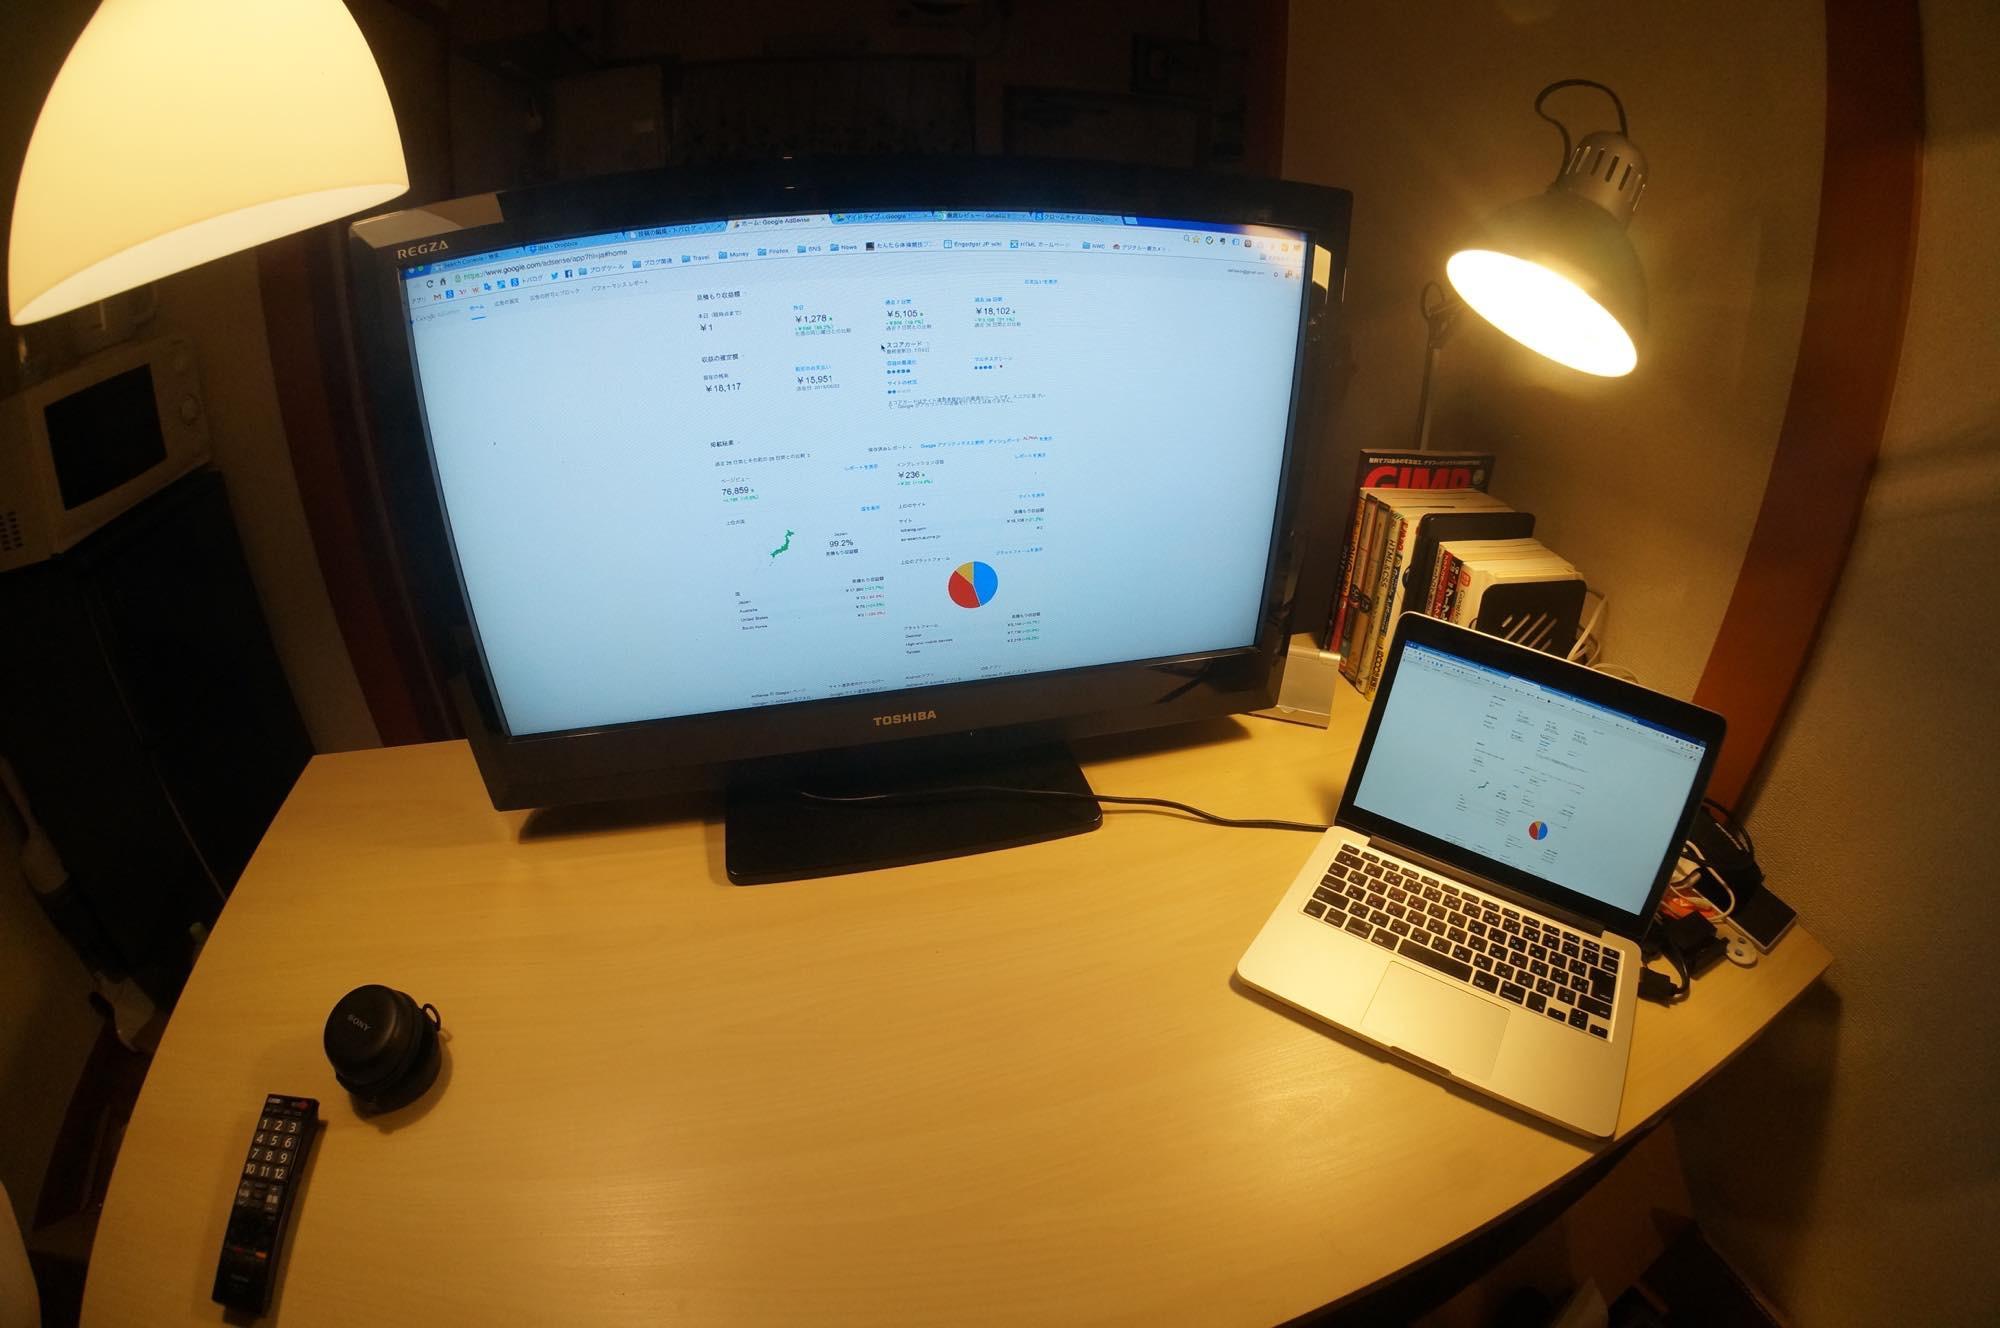 macbook-tv-hdmi14